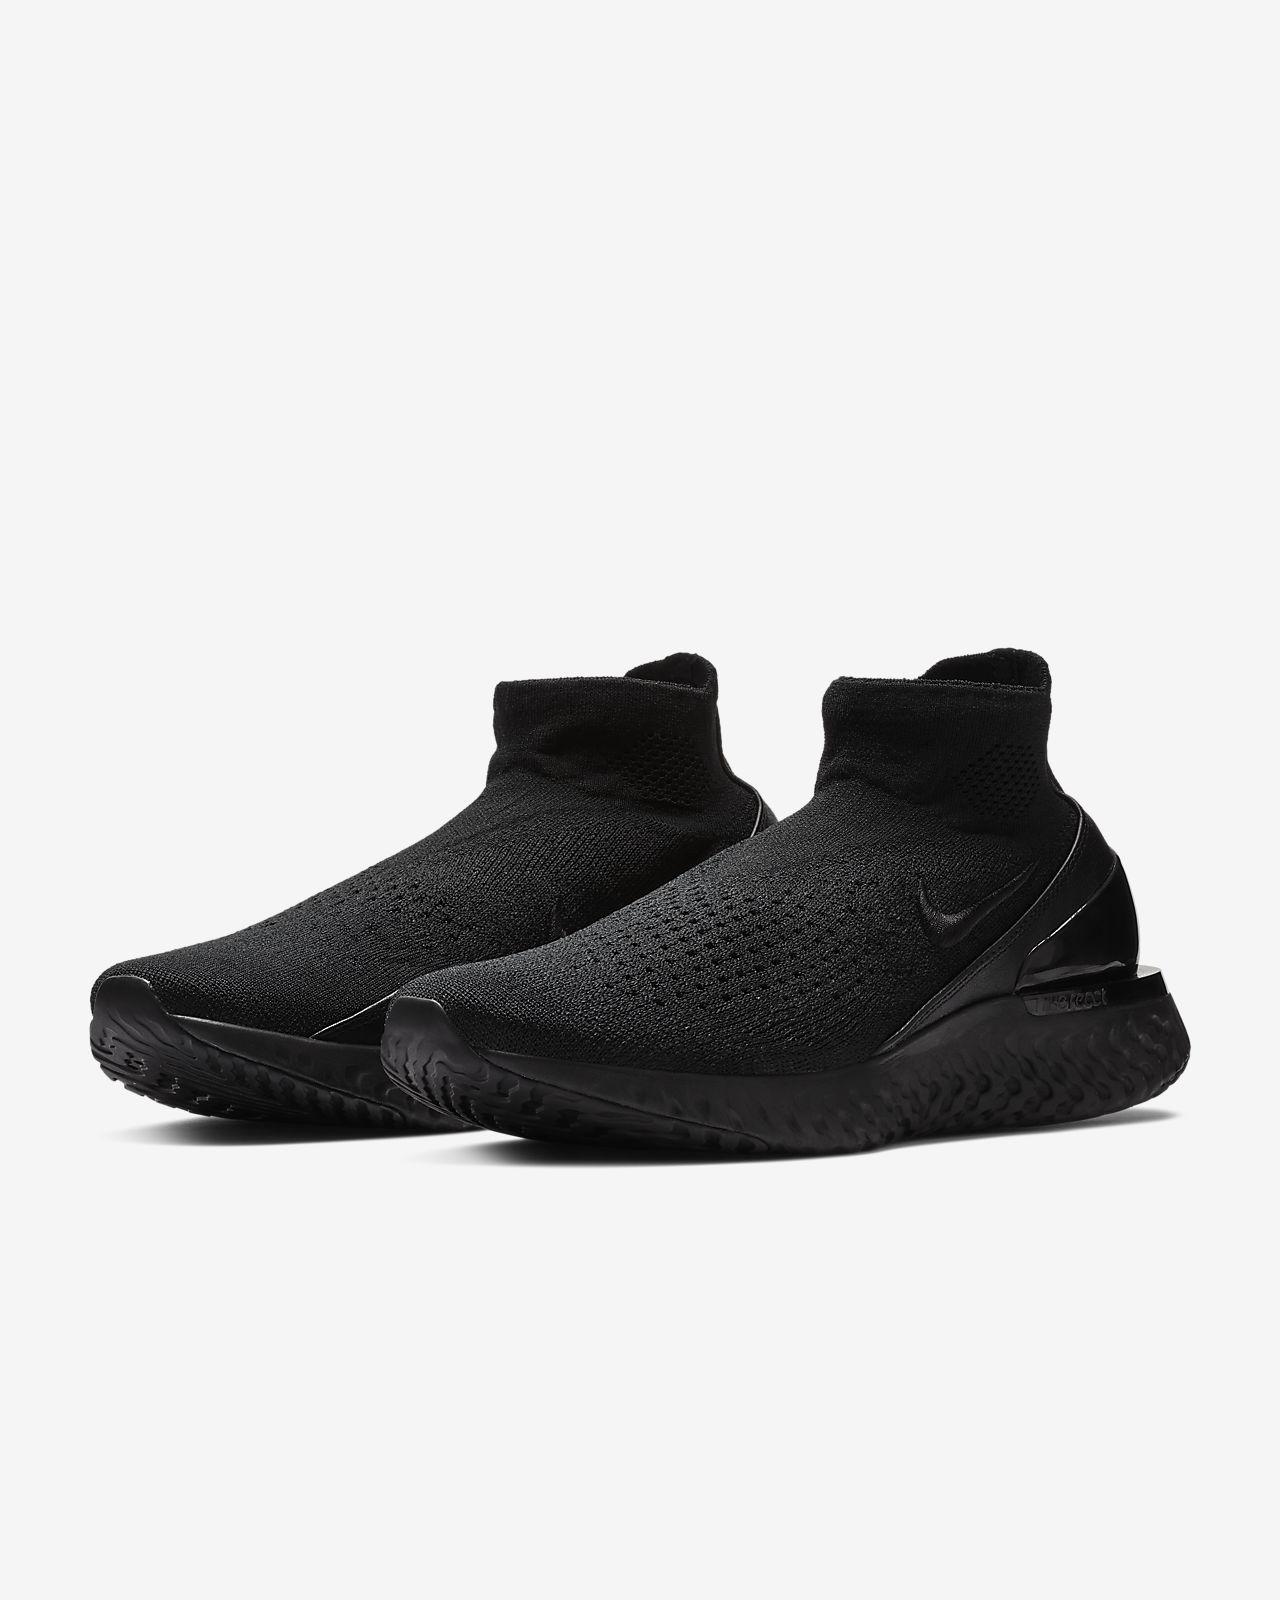 55b414f22f035 Nike Rise React Flyknit Running Shoe. Nike.com IN